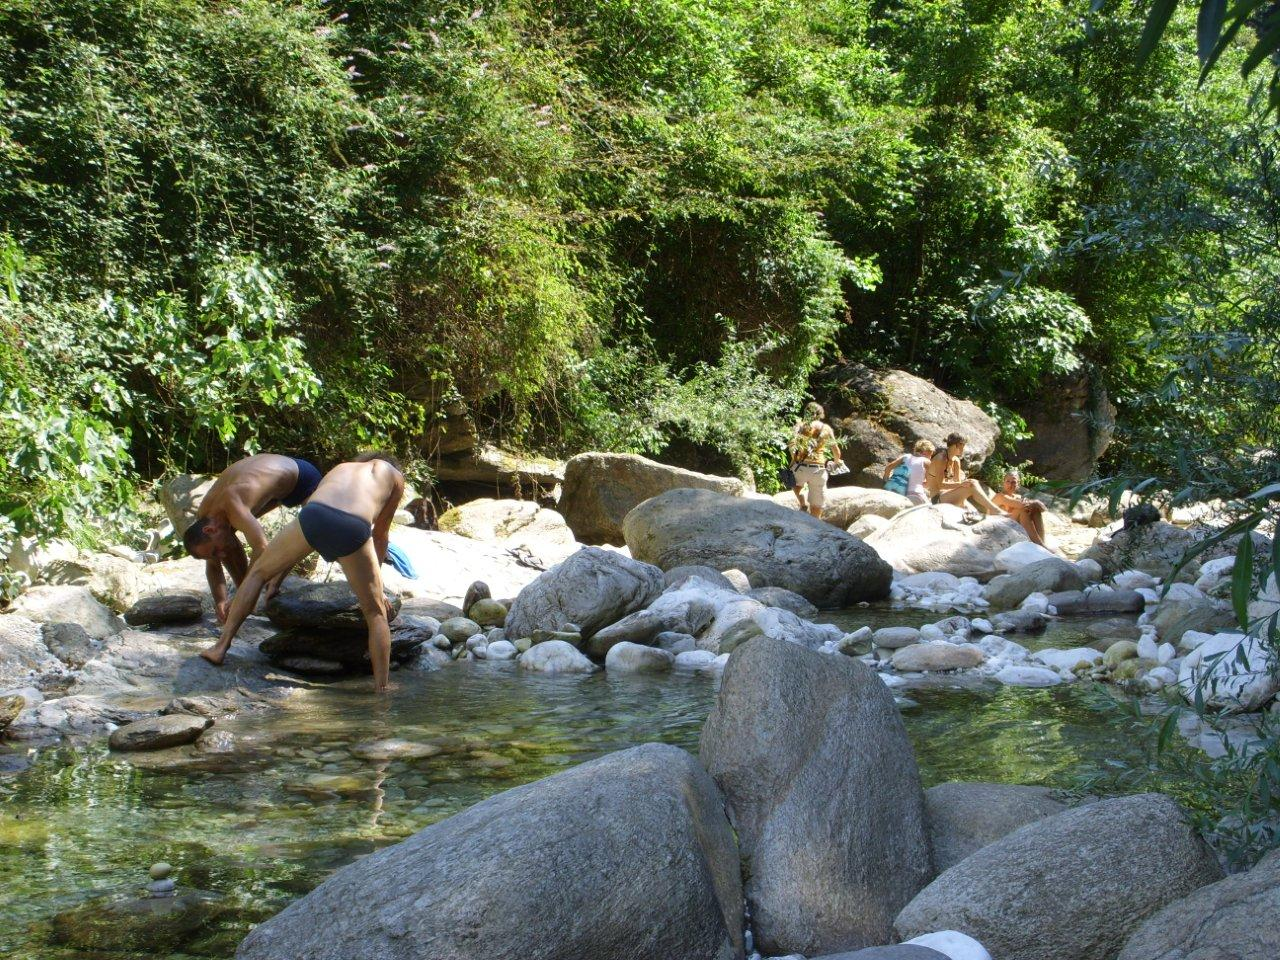 Natuur en omgeving in Toscane in Italië, studieverlof en